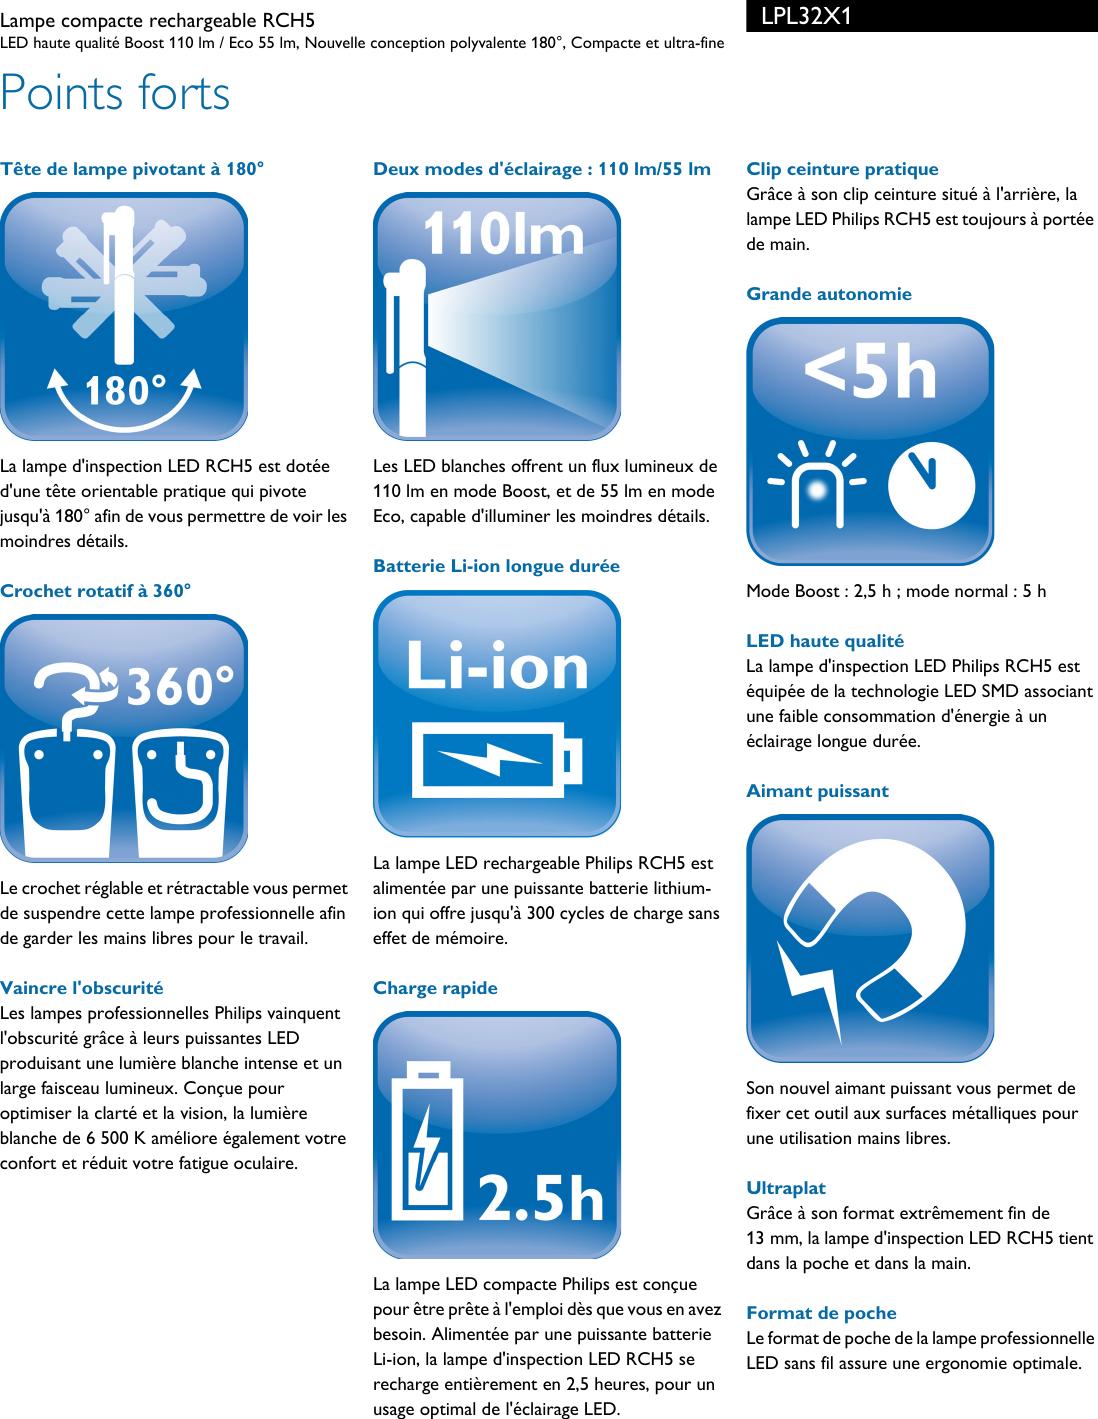 Leaflet FrancefrenchUser Lpl32x1 Philips Manual Fiche Released KFJcl1